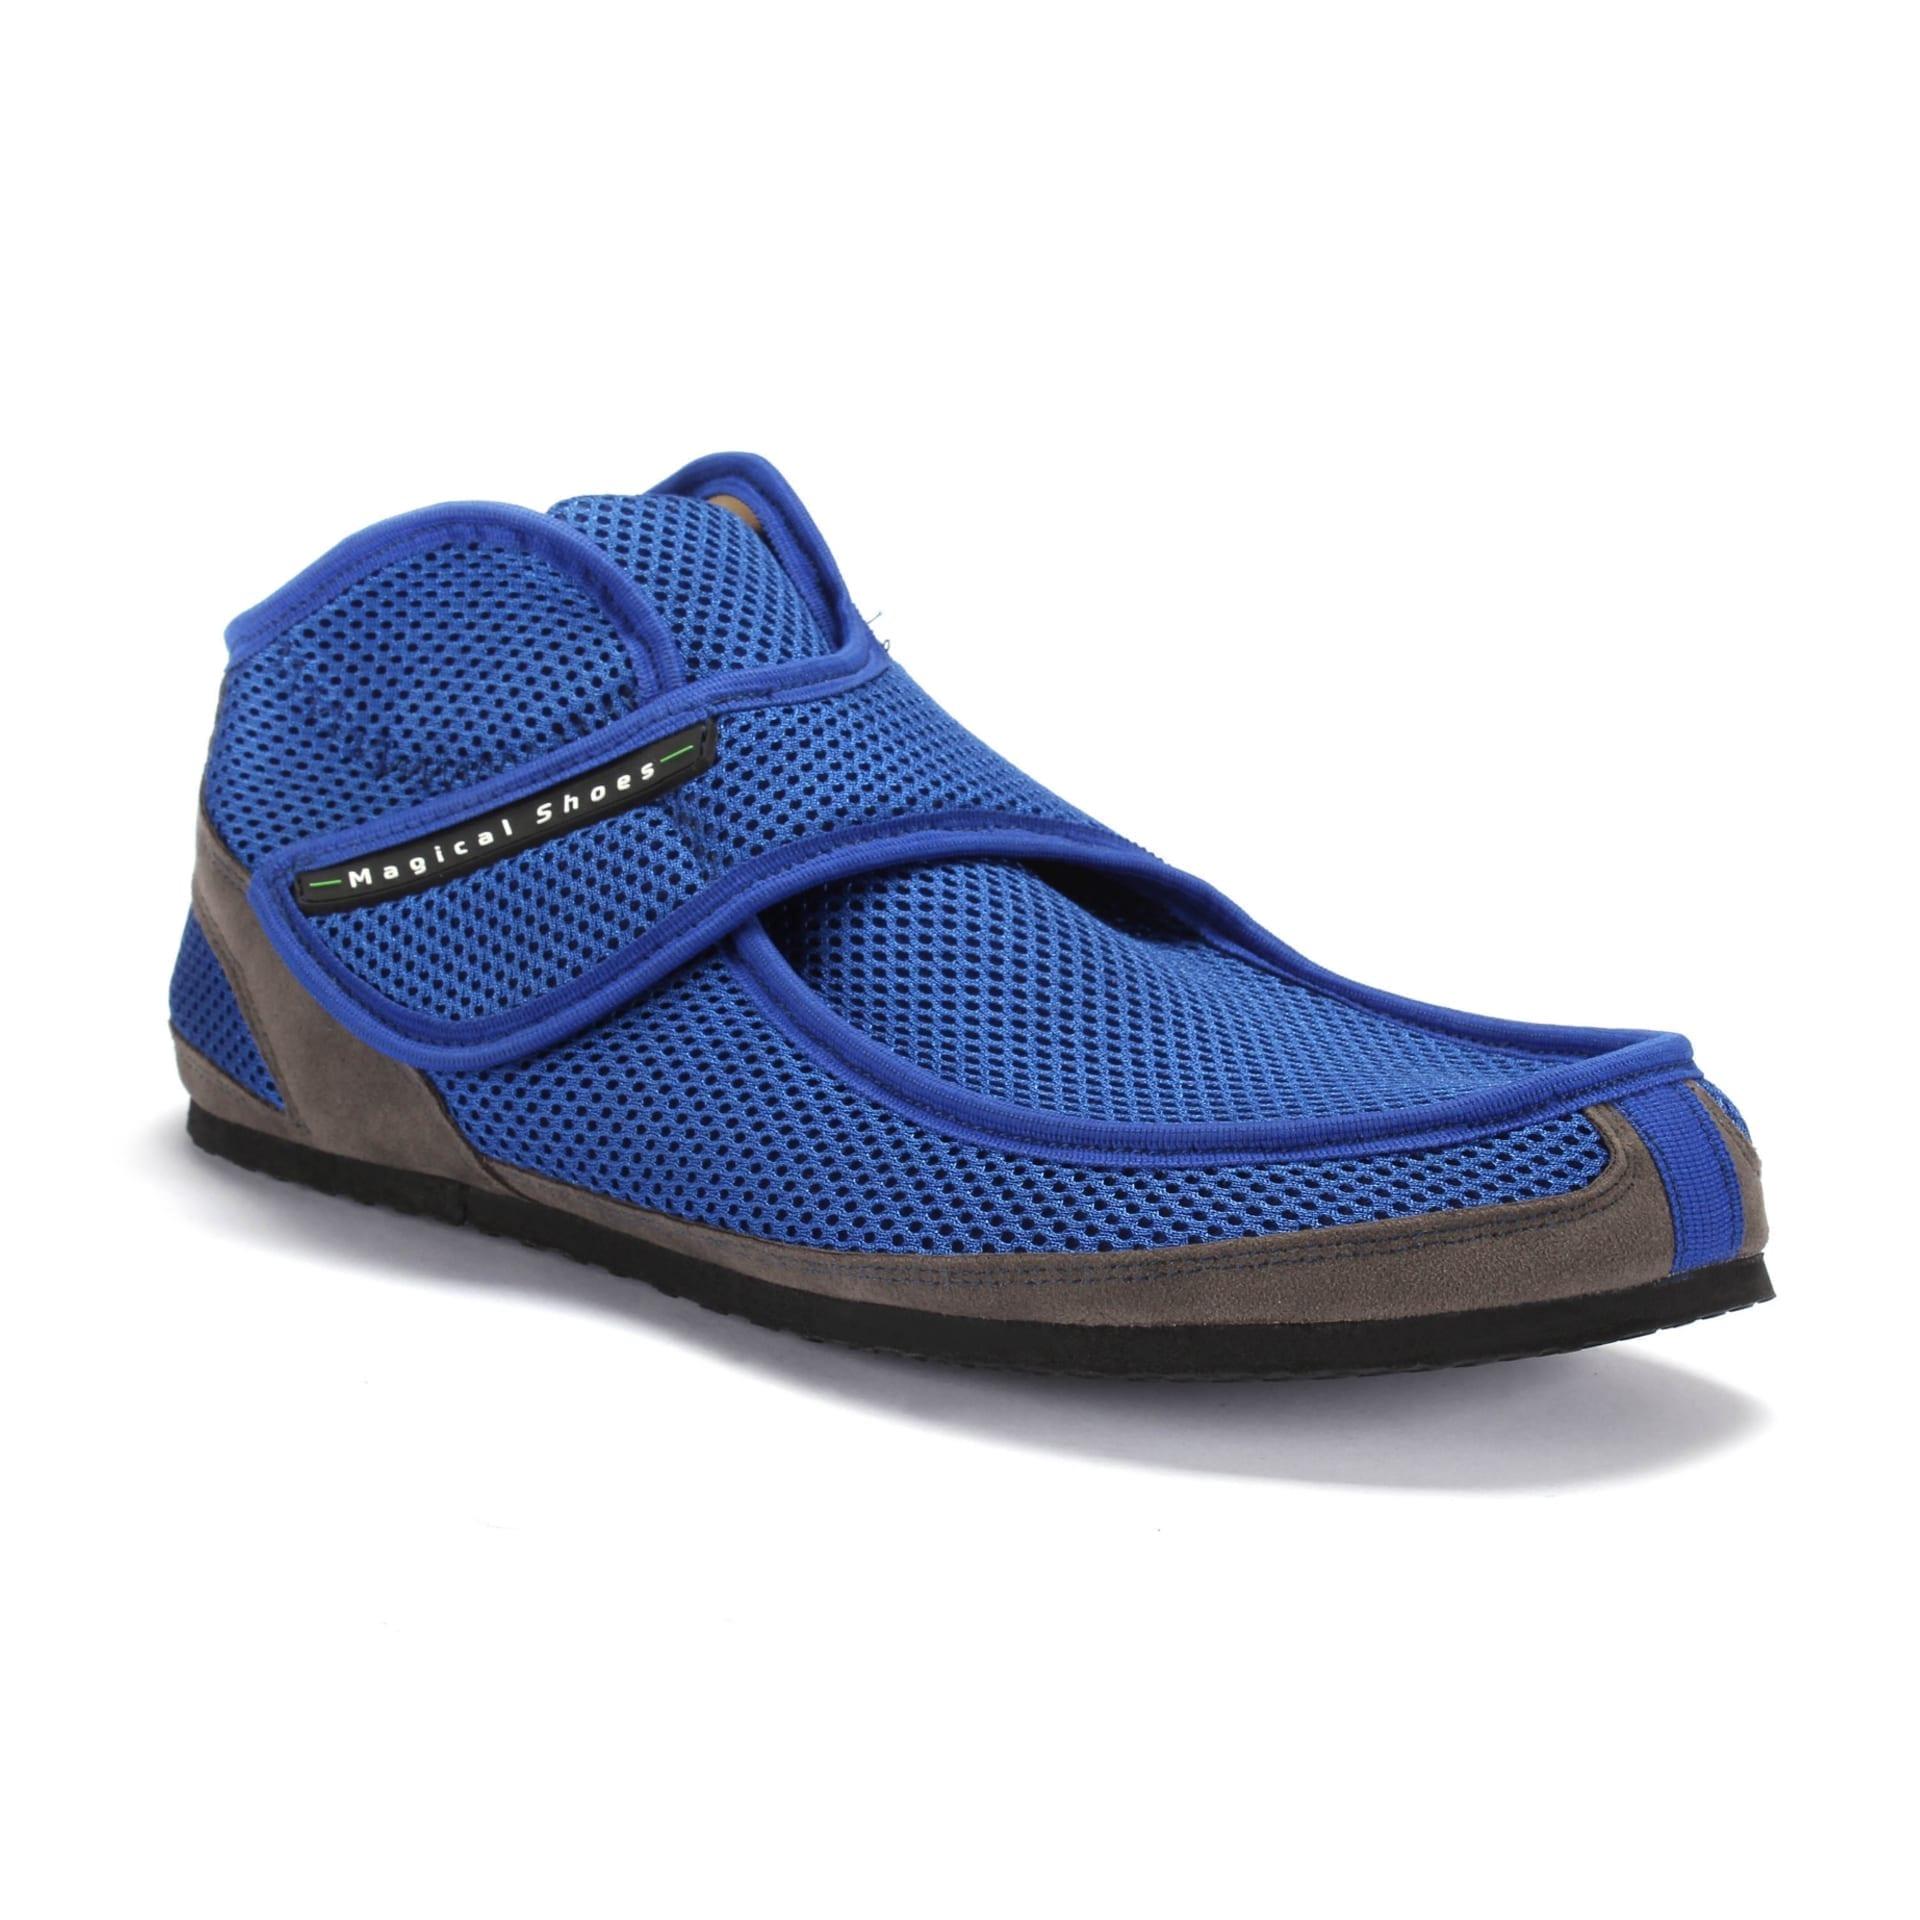 memory foam wygodne buty na rzep oddychające lekkie buty buty dla chorych stóp zdrowe stopy szerokie buty